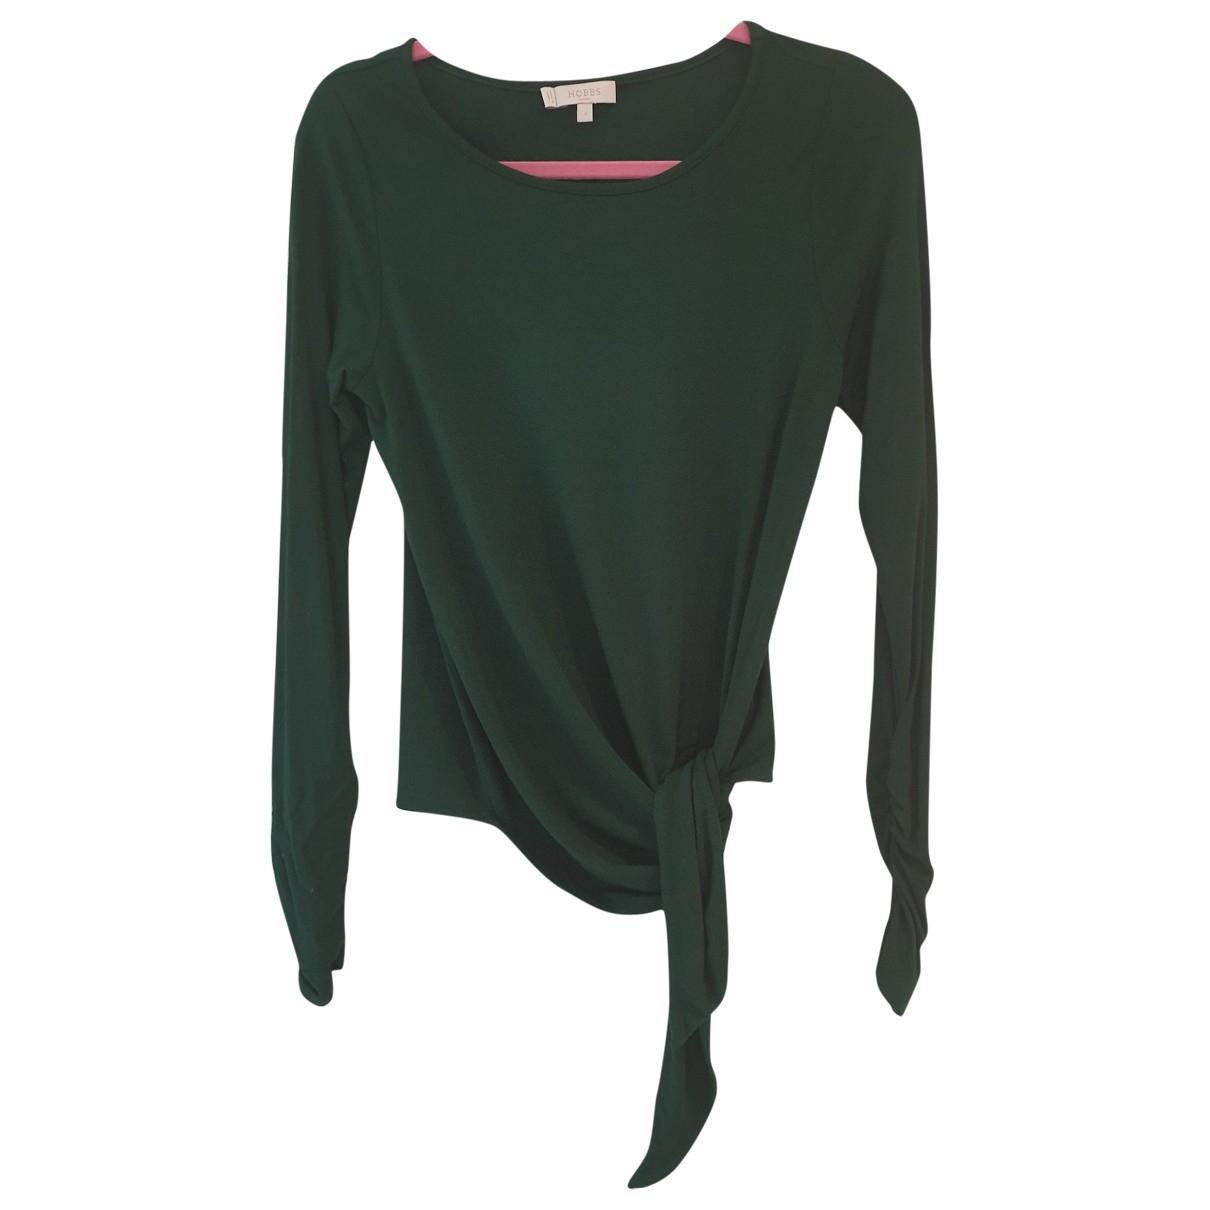 Hobbs - Top   pour femme - vert